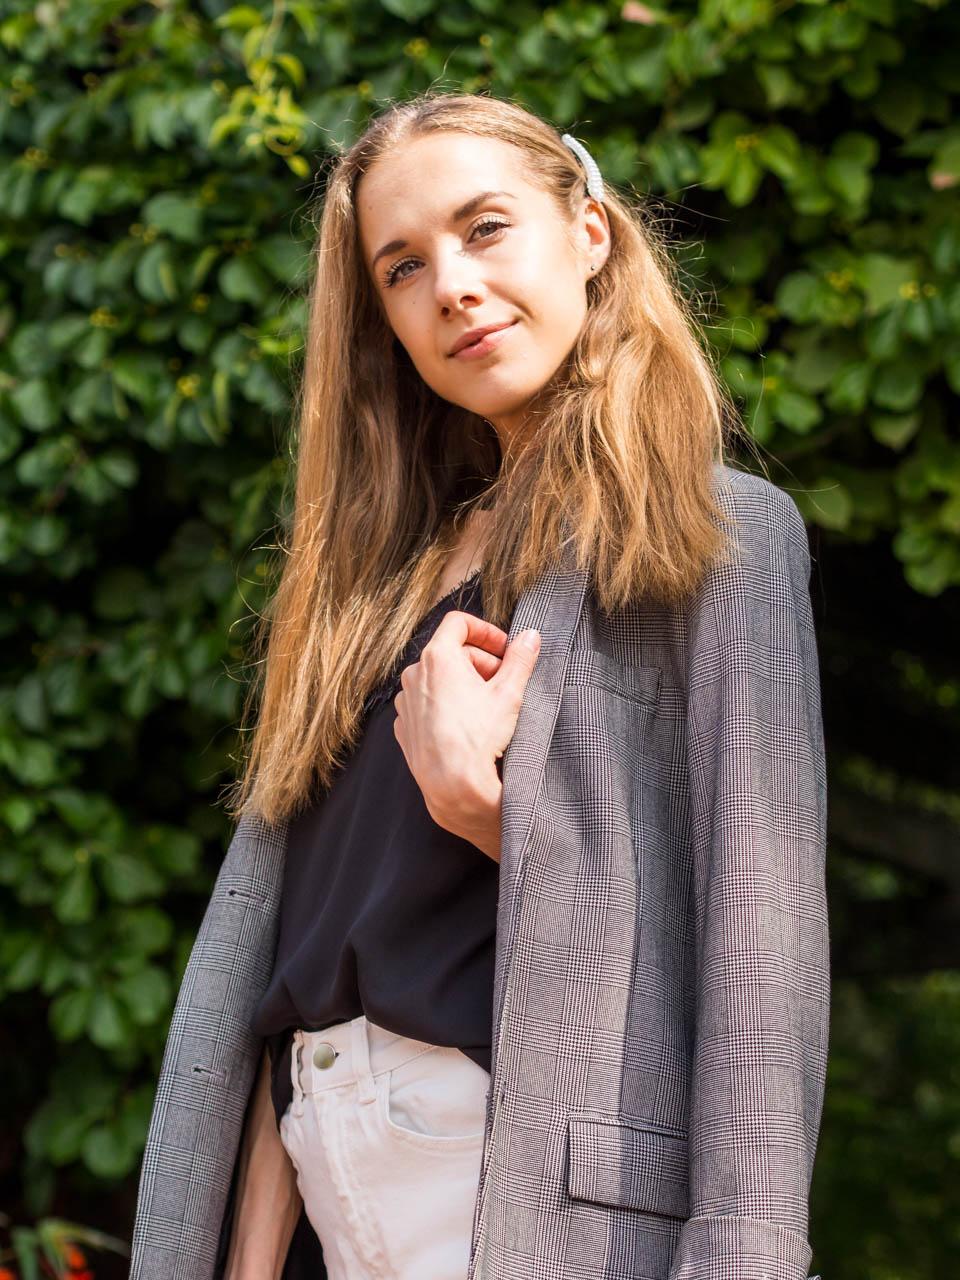 fashion-blogger-outfit-check-blazer-muoti-blogi-inspiraatio-bleiseri